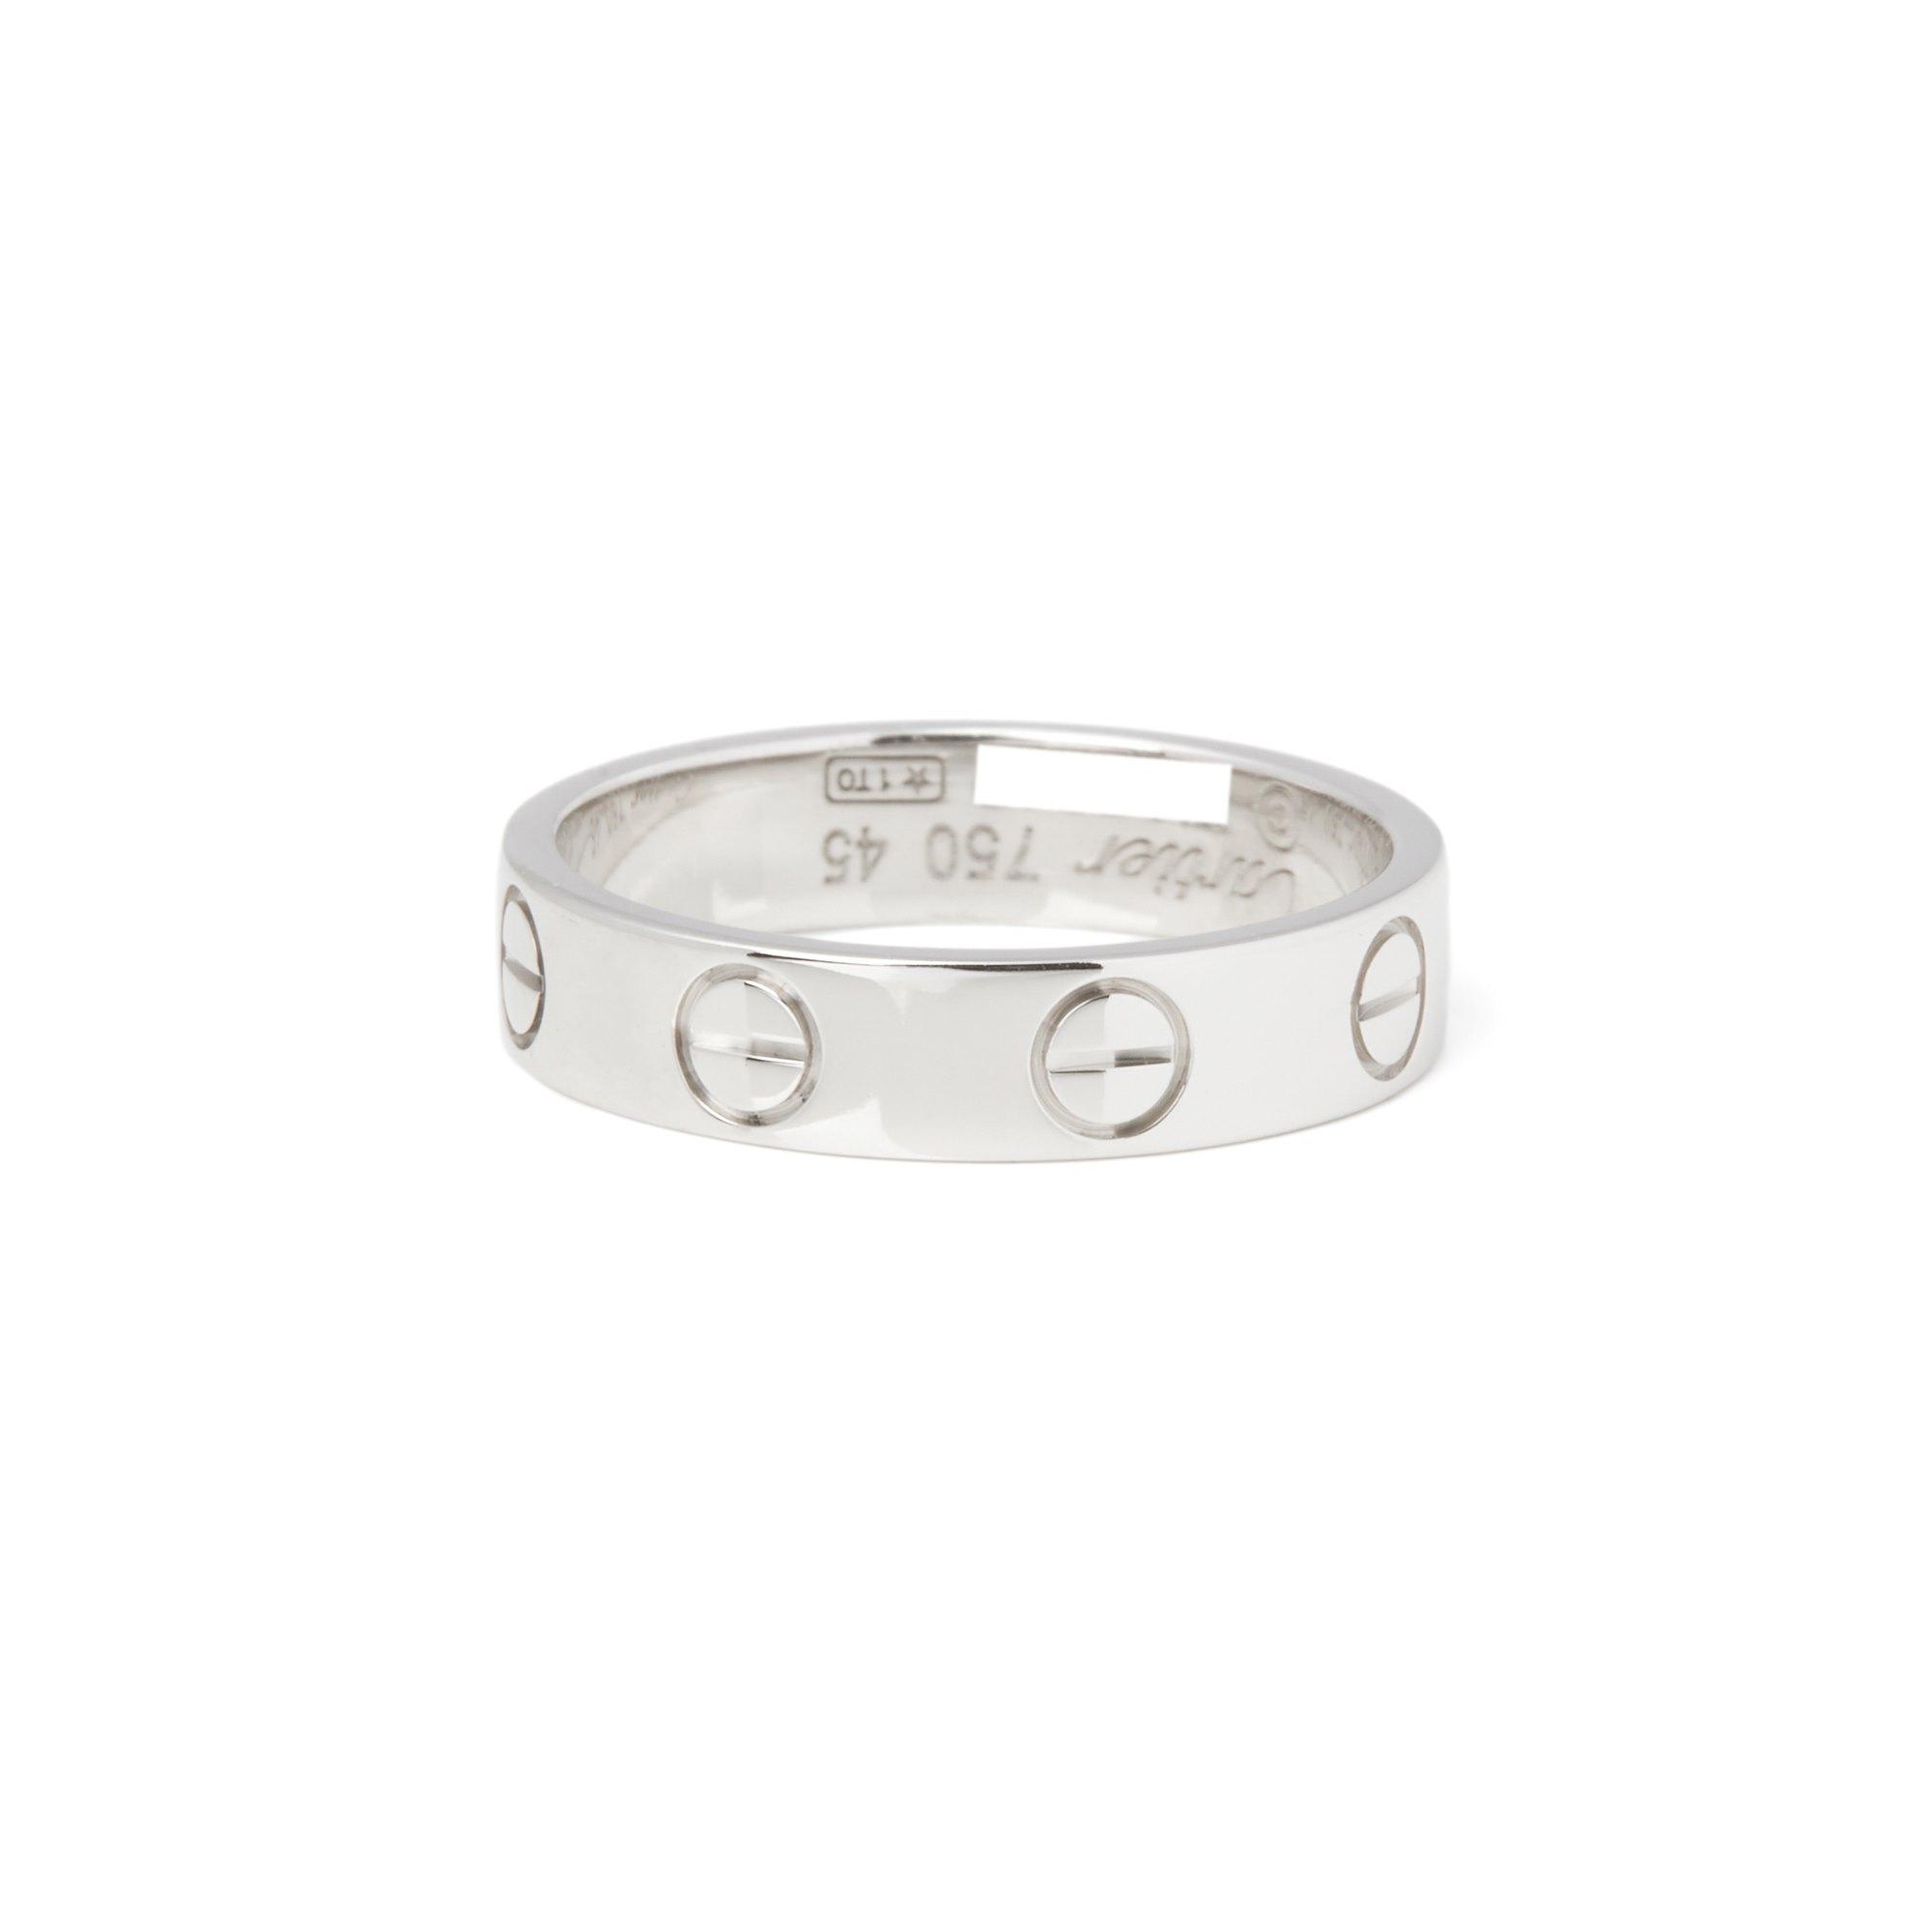 Cartier 18k White Gold Plain Love Ring